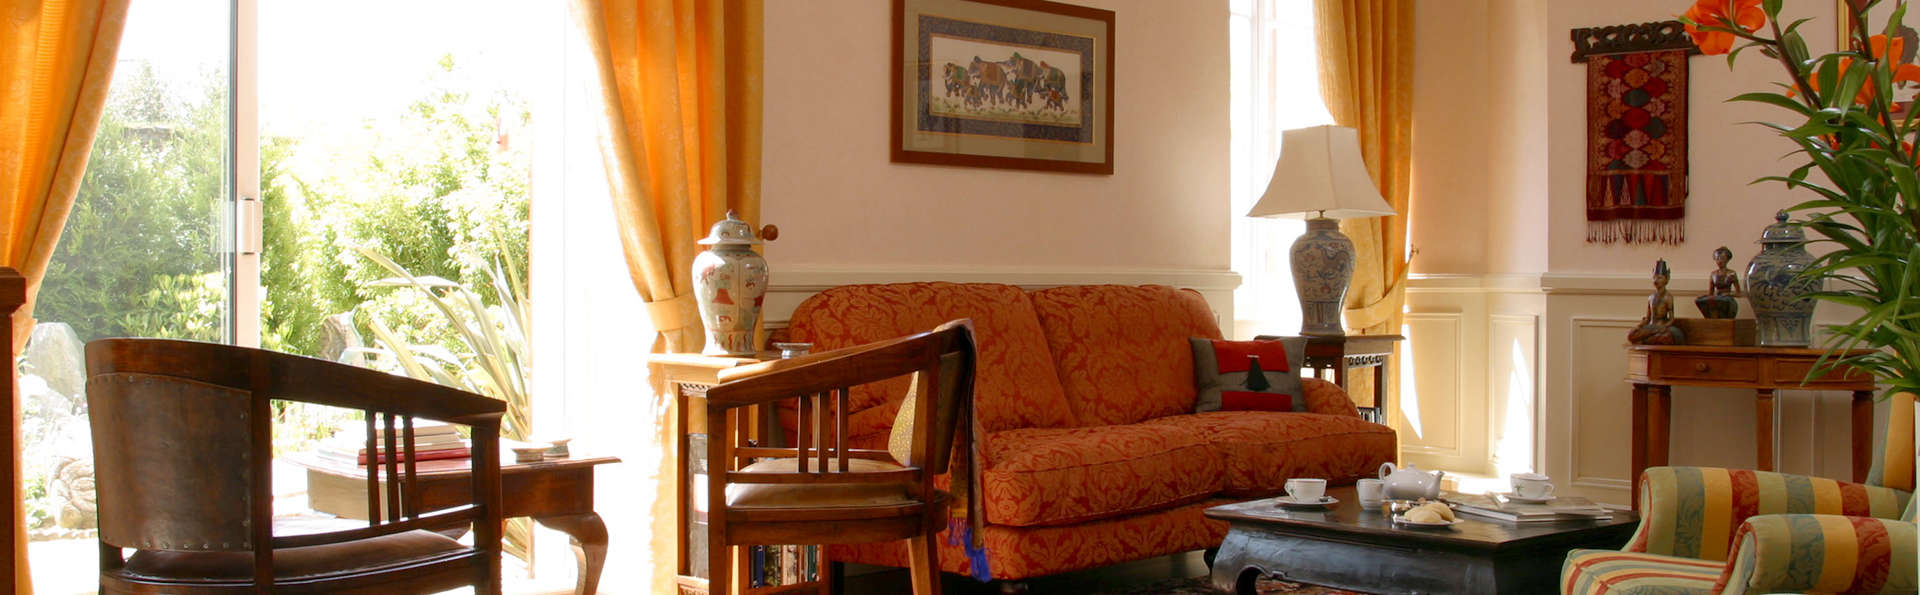 Excursion dans un hôtel de charme à Vannes